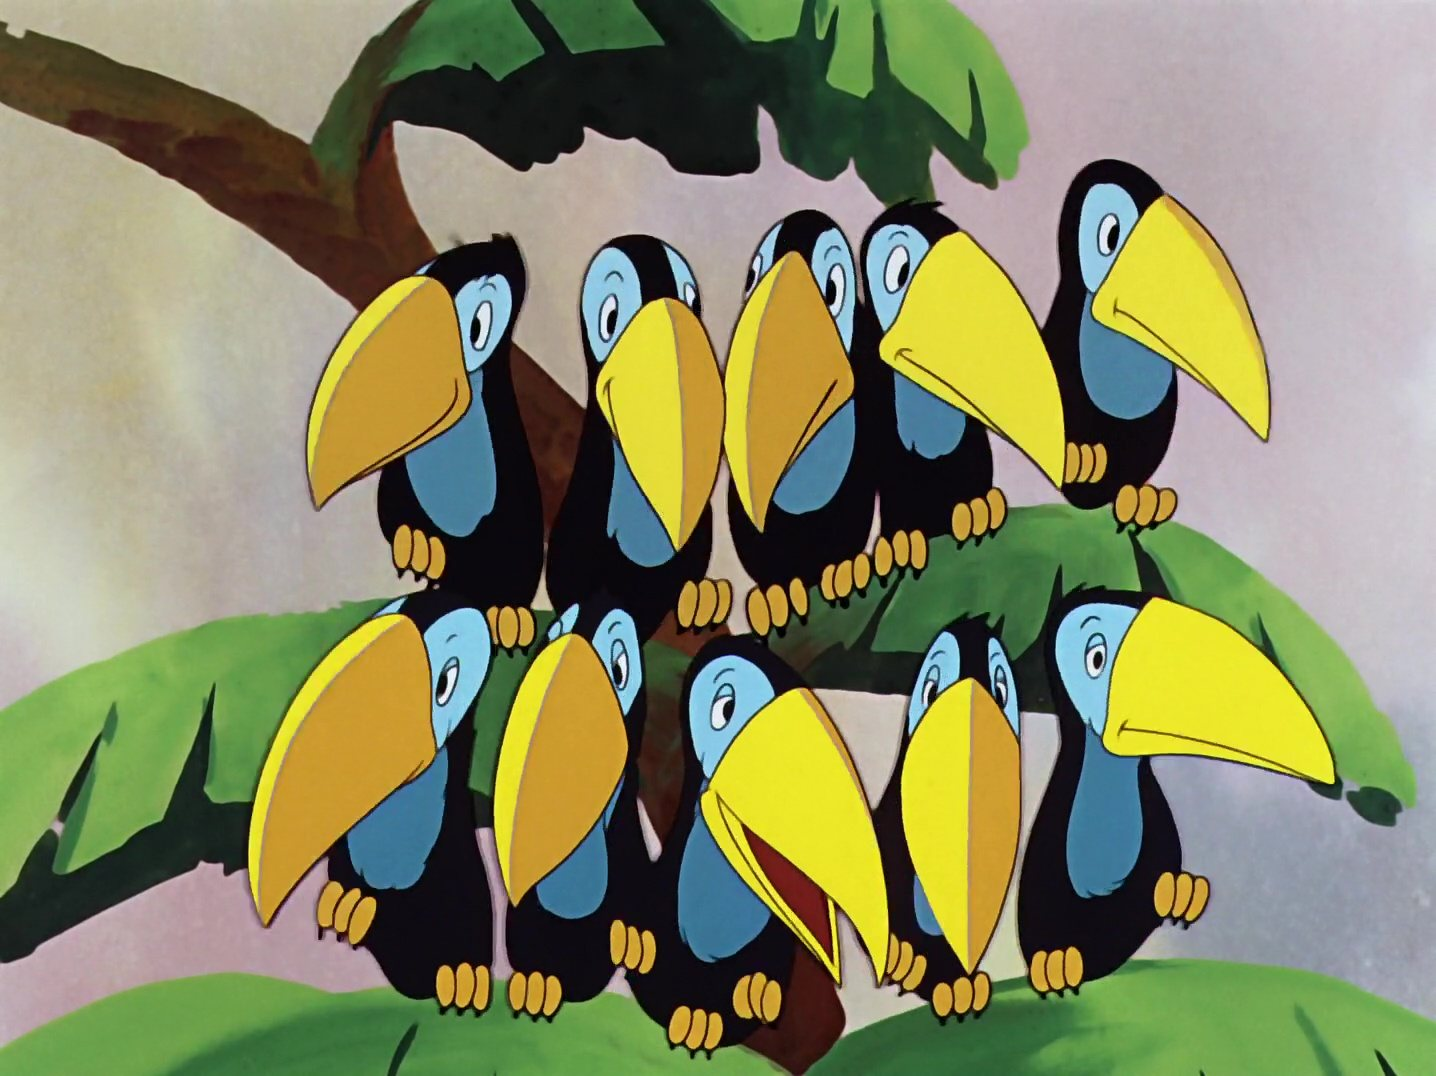 image aquarela brasil disney